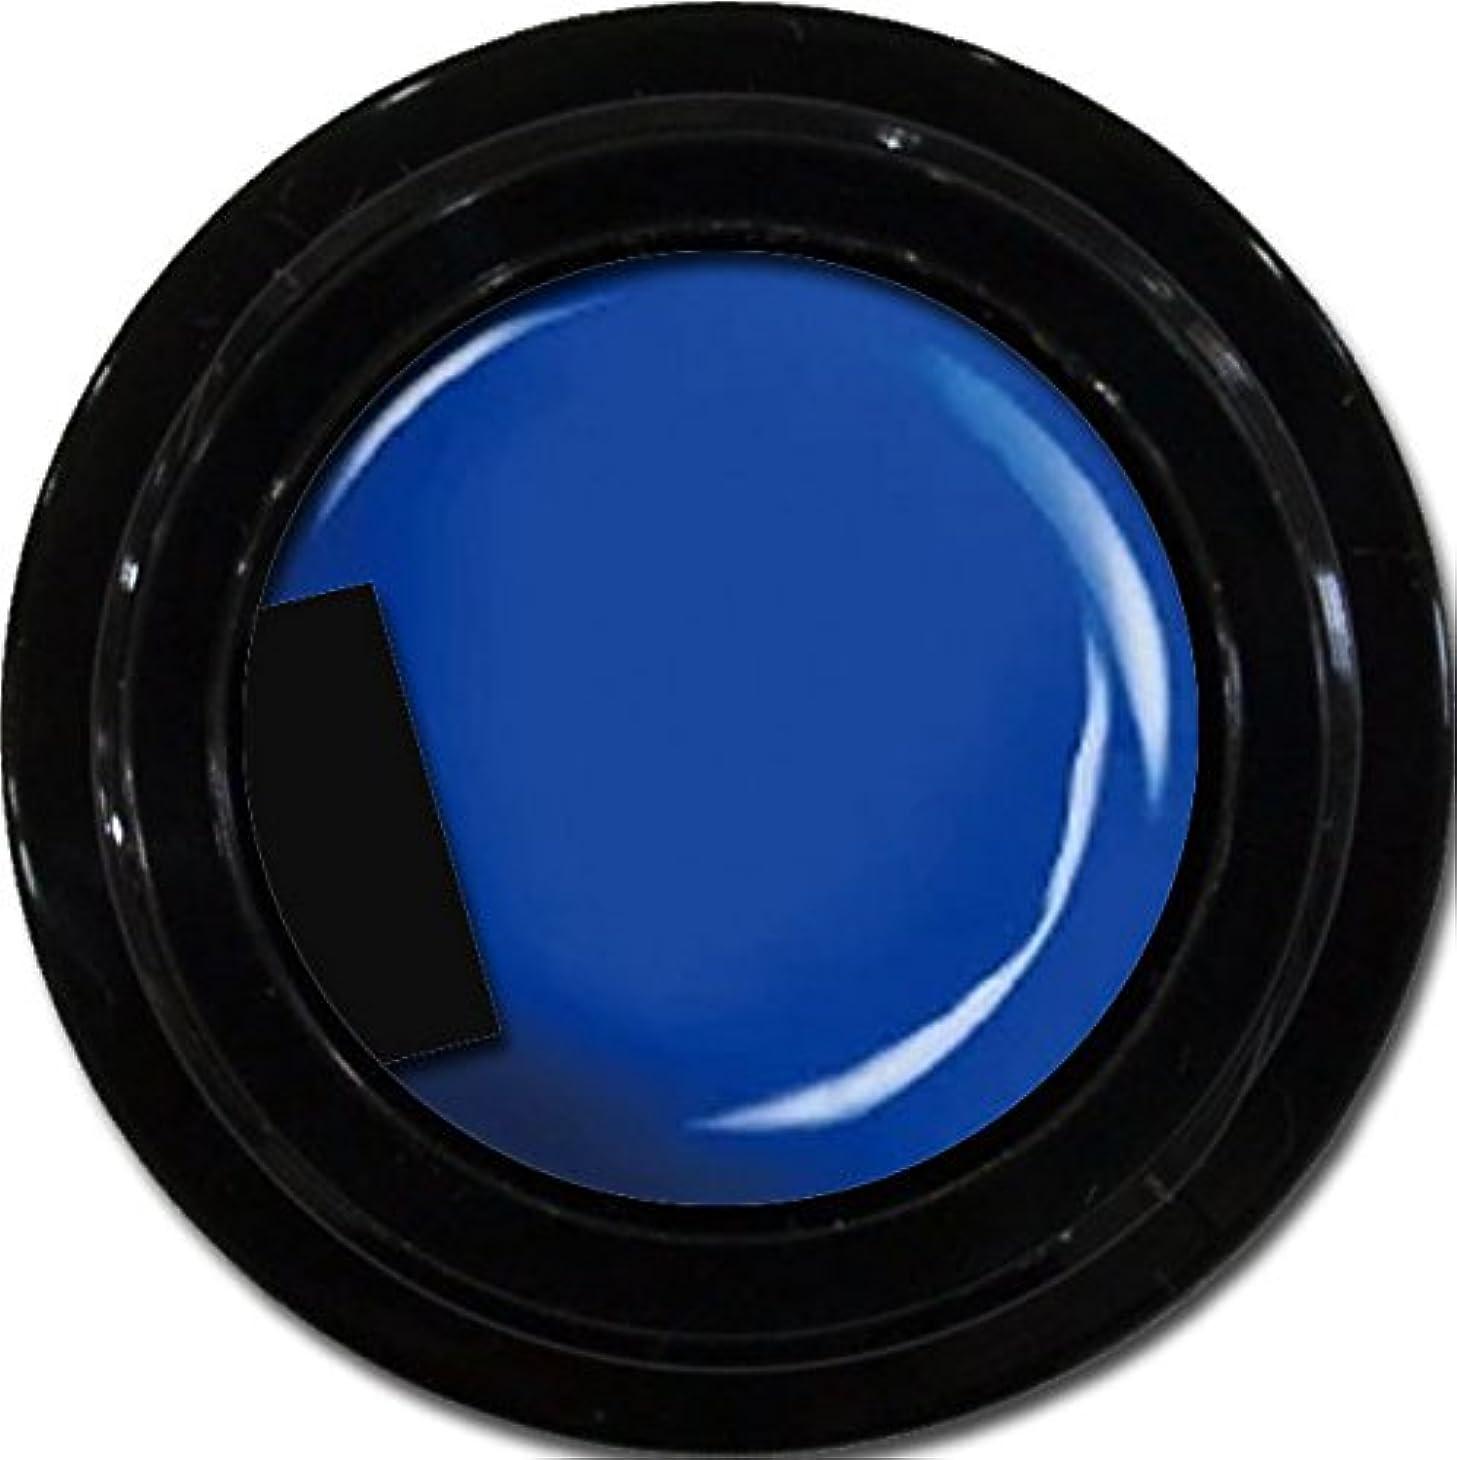 レキシコンプリーツ熟達したカラージェル enchant color gel M708 UltraMarine 3g/ マットカラージェル M708 ウルトラマリン 3グラム